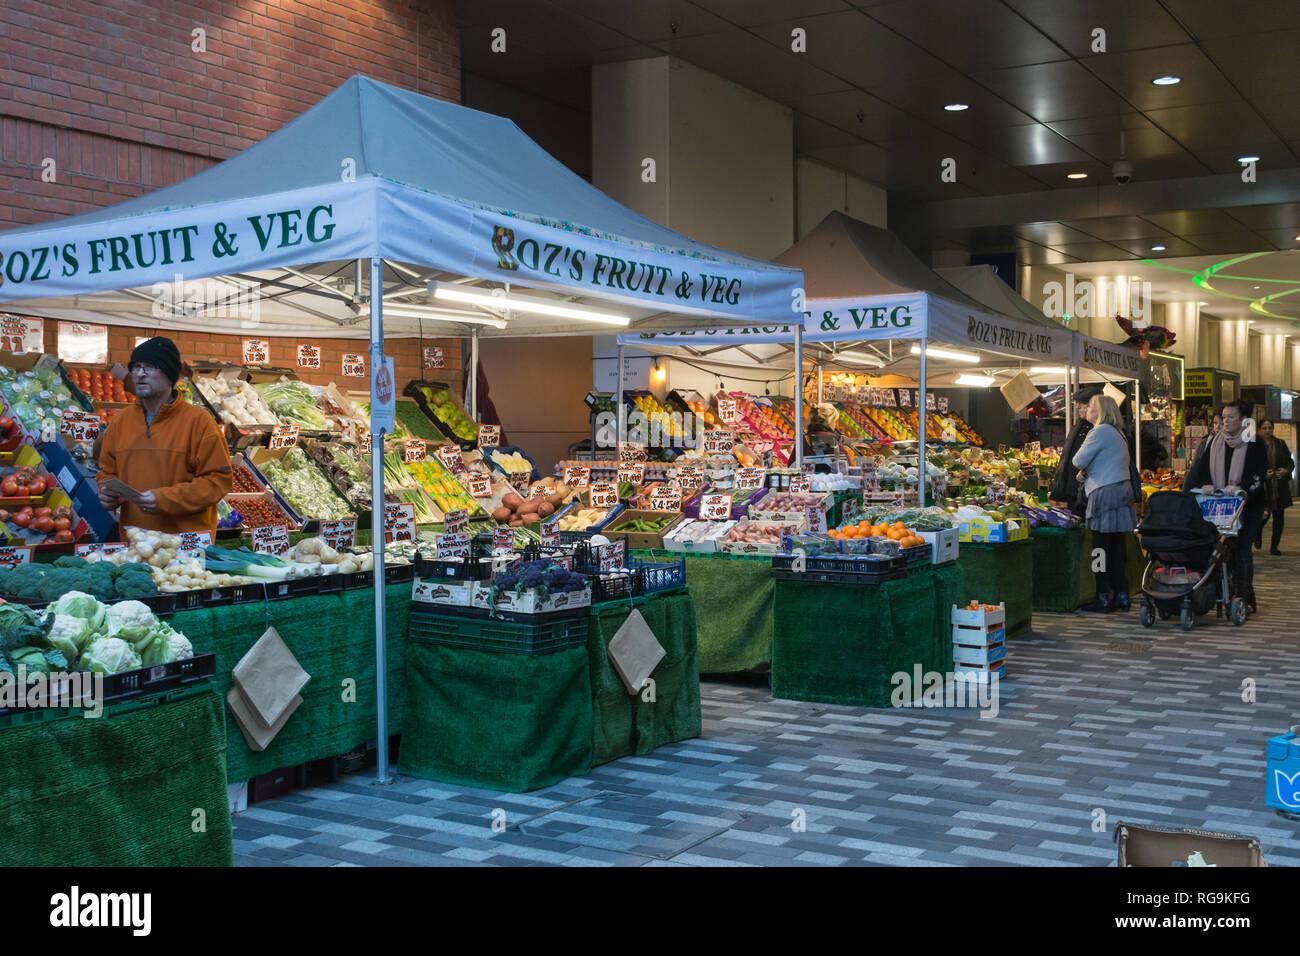 Obst- und Gemüsemarkt in Woking, Surrey, UK ausgeht, mit Leute einkaufen. Alltag. Stockbild